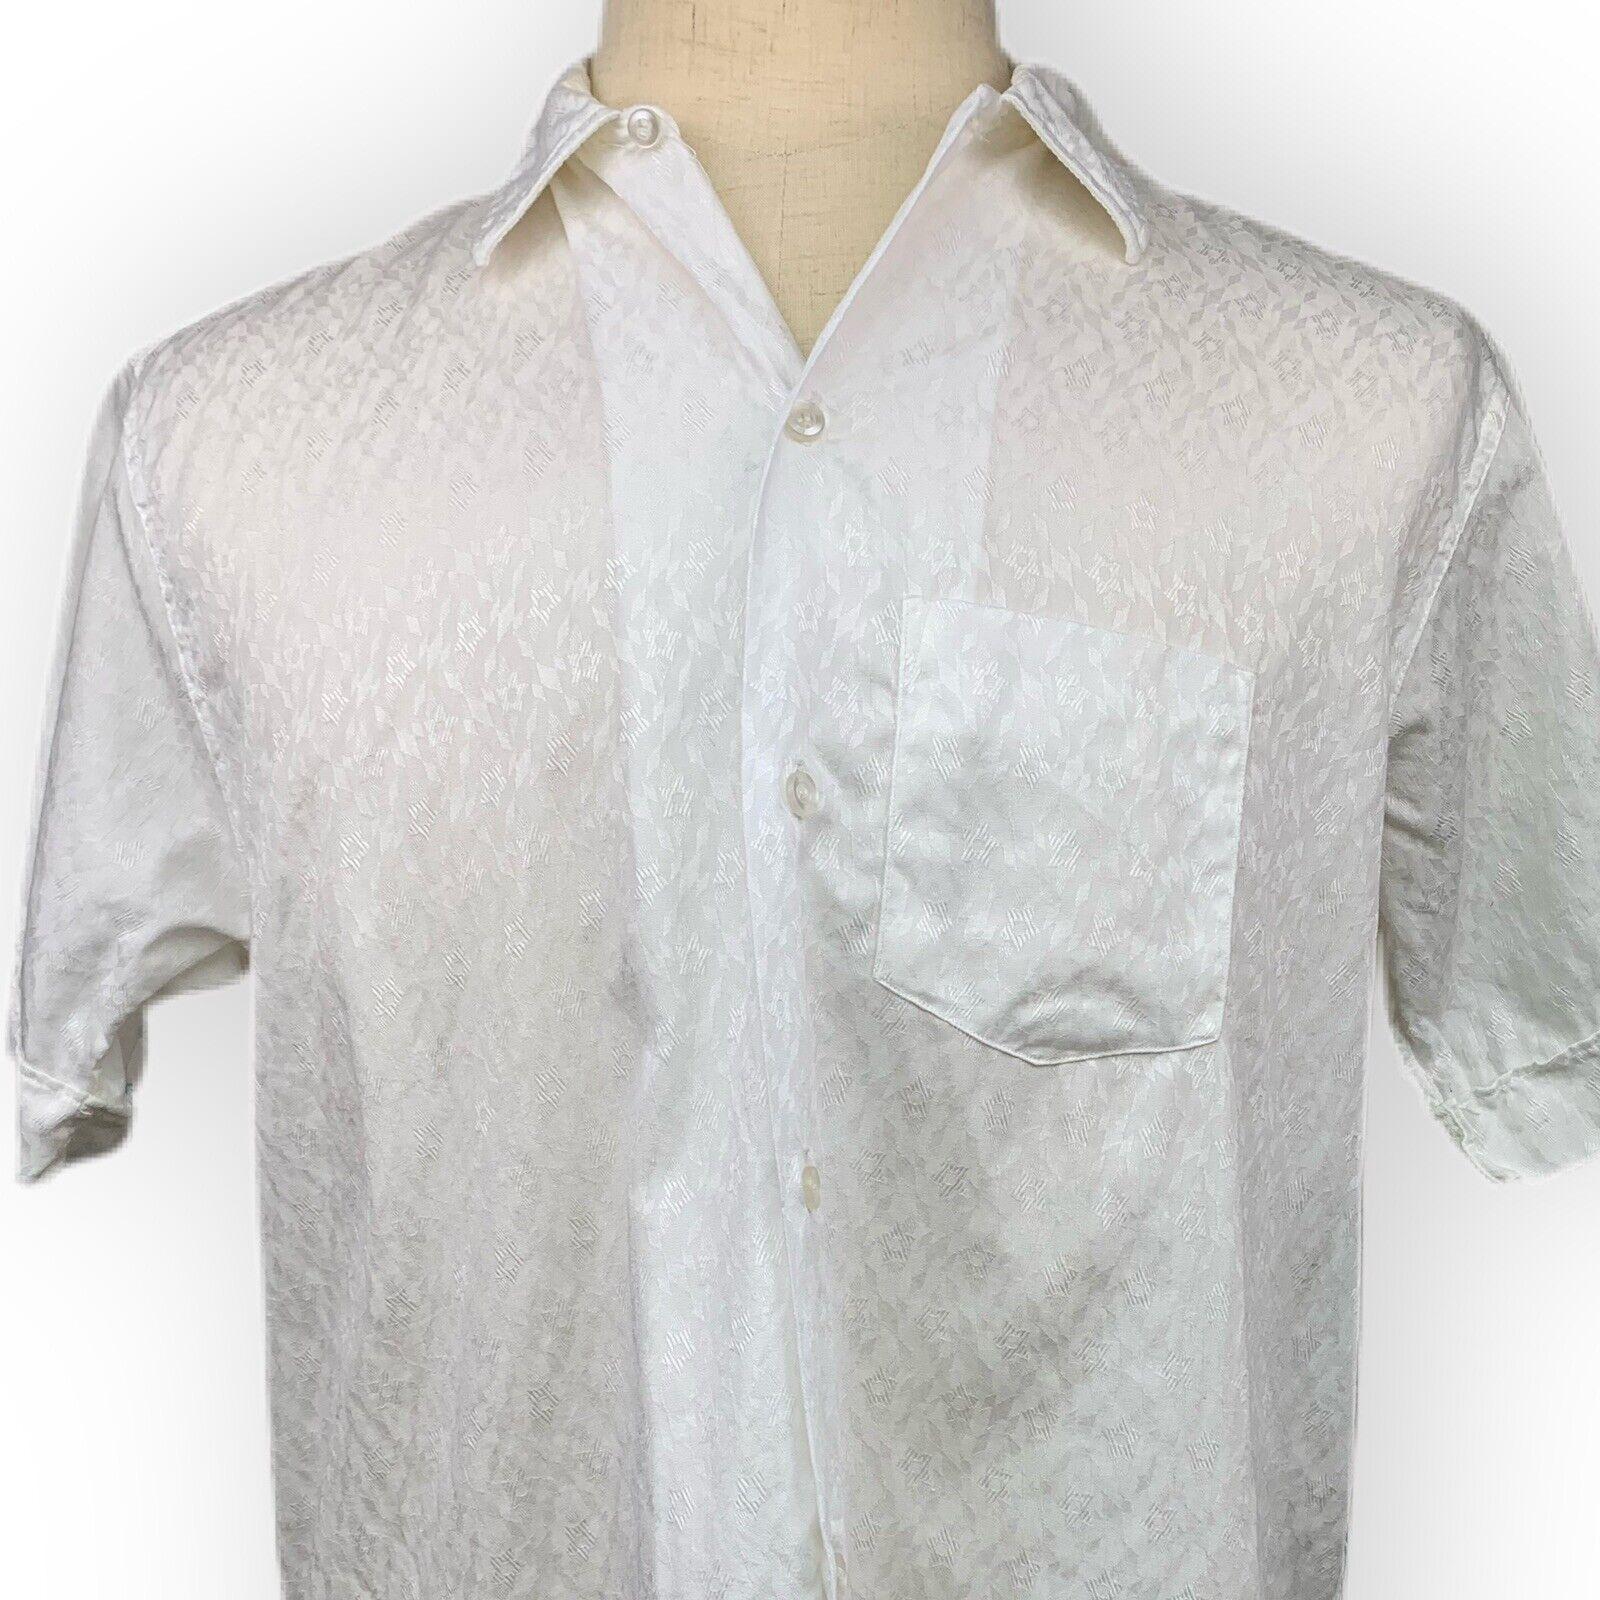 Vintage 60s 70s Mens Shirt L Rockabilly Mr Andres… - image 1